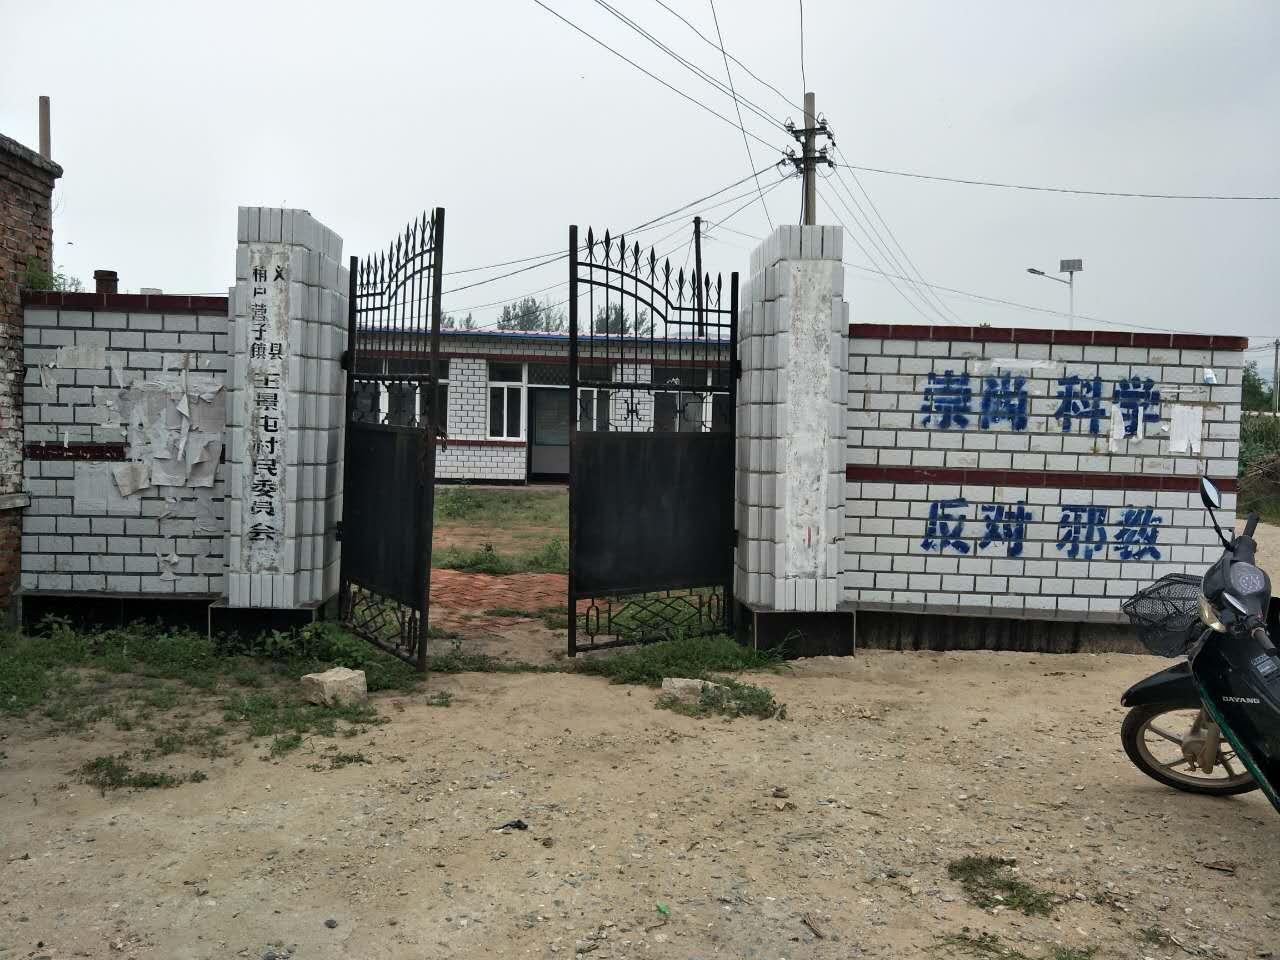 锦州市义县王景屯村闲置农房